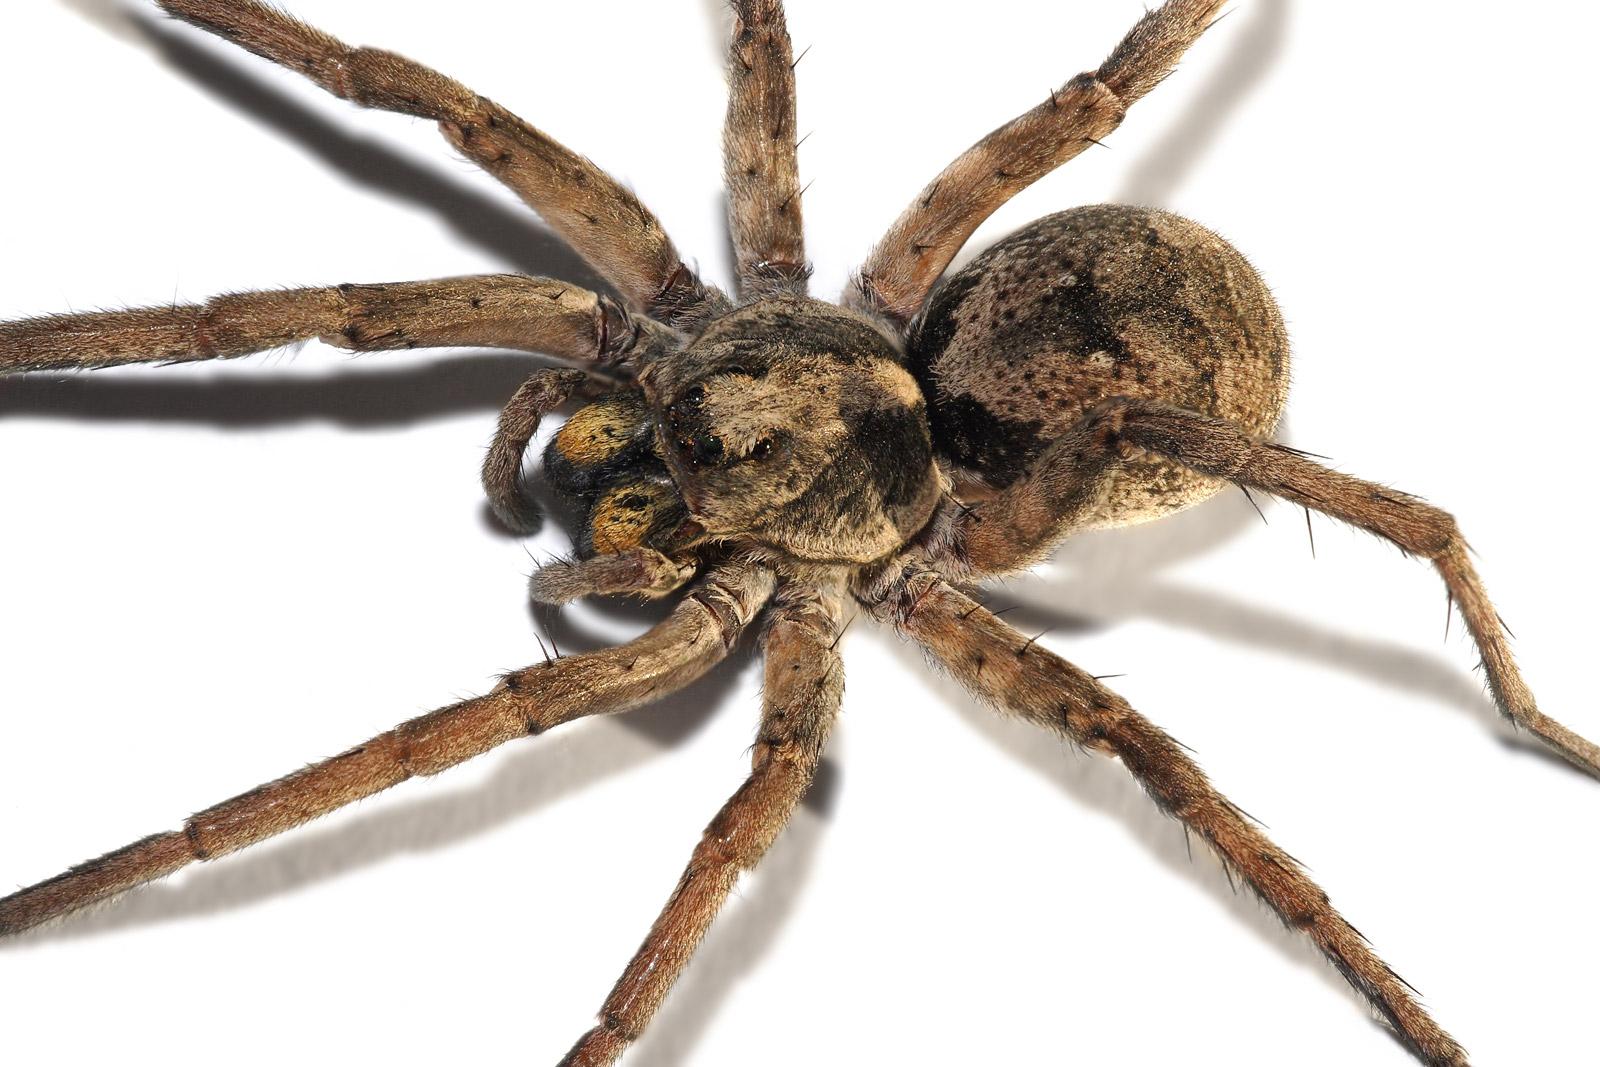 The WOLF Spider